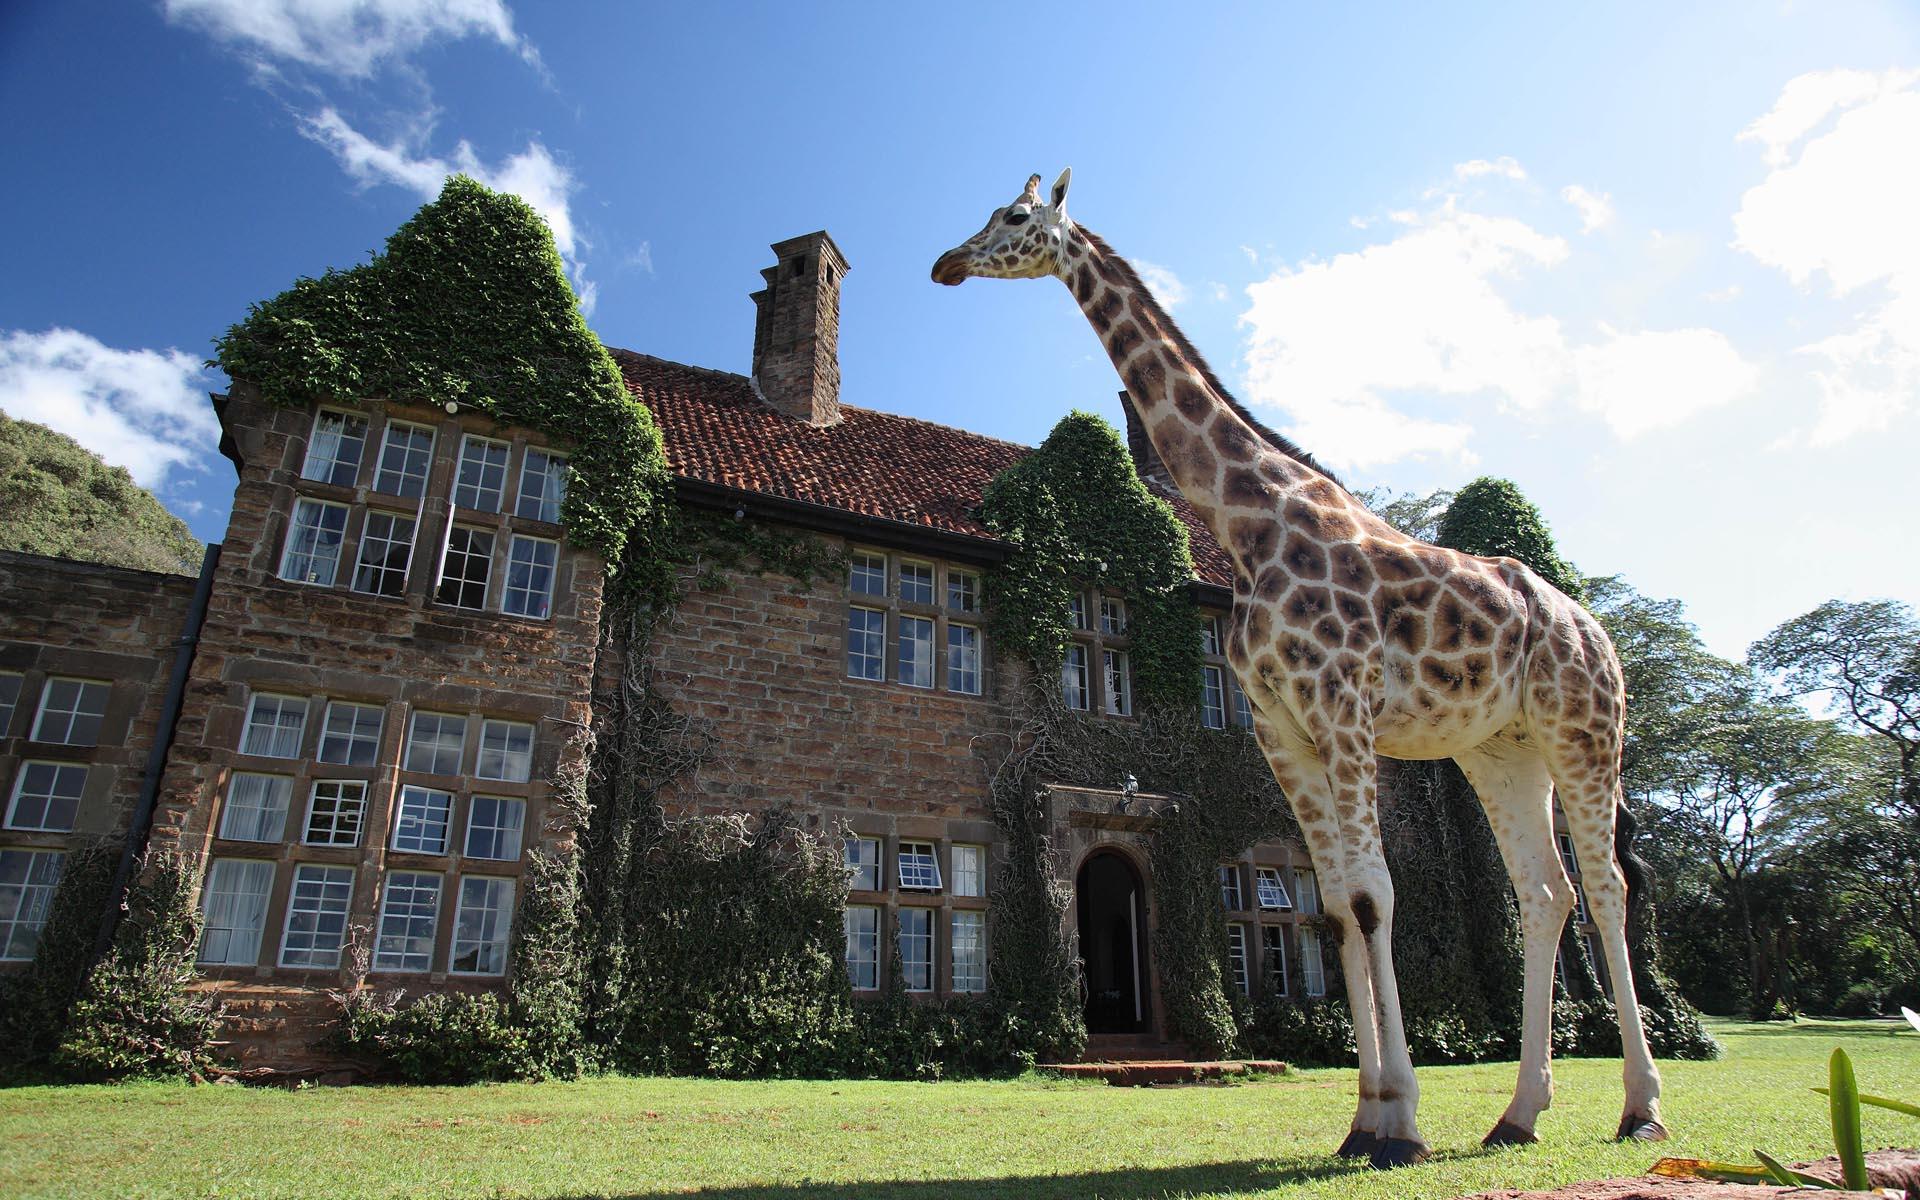 Giraffe Manor Hotel, Nairobi - Kichaka Tours and Travel Kenya